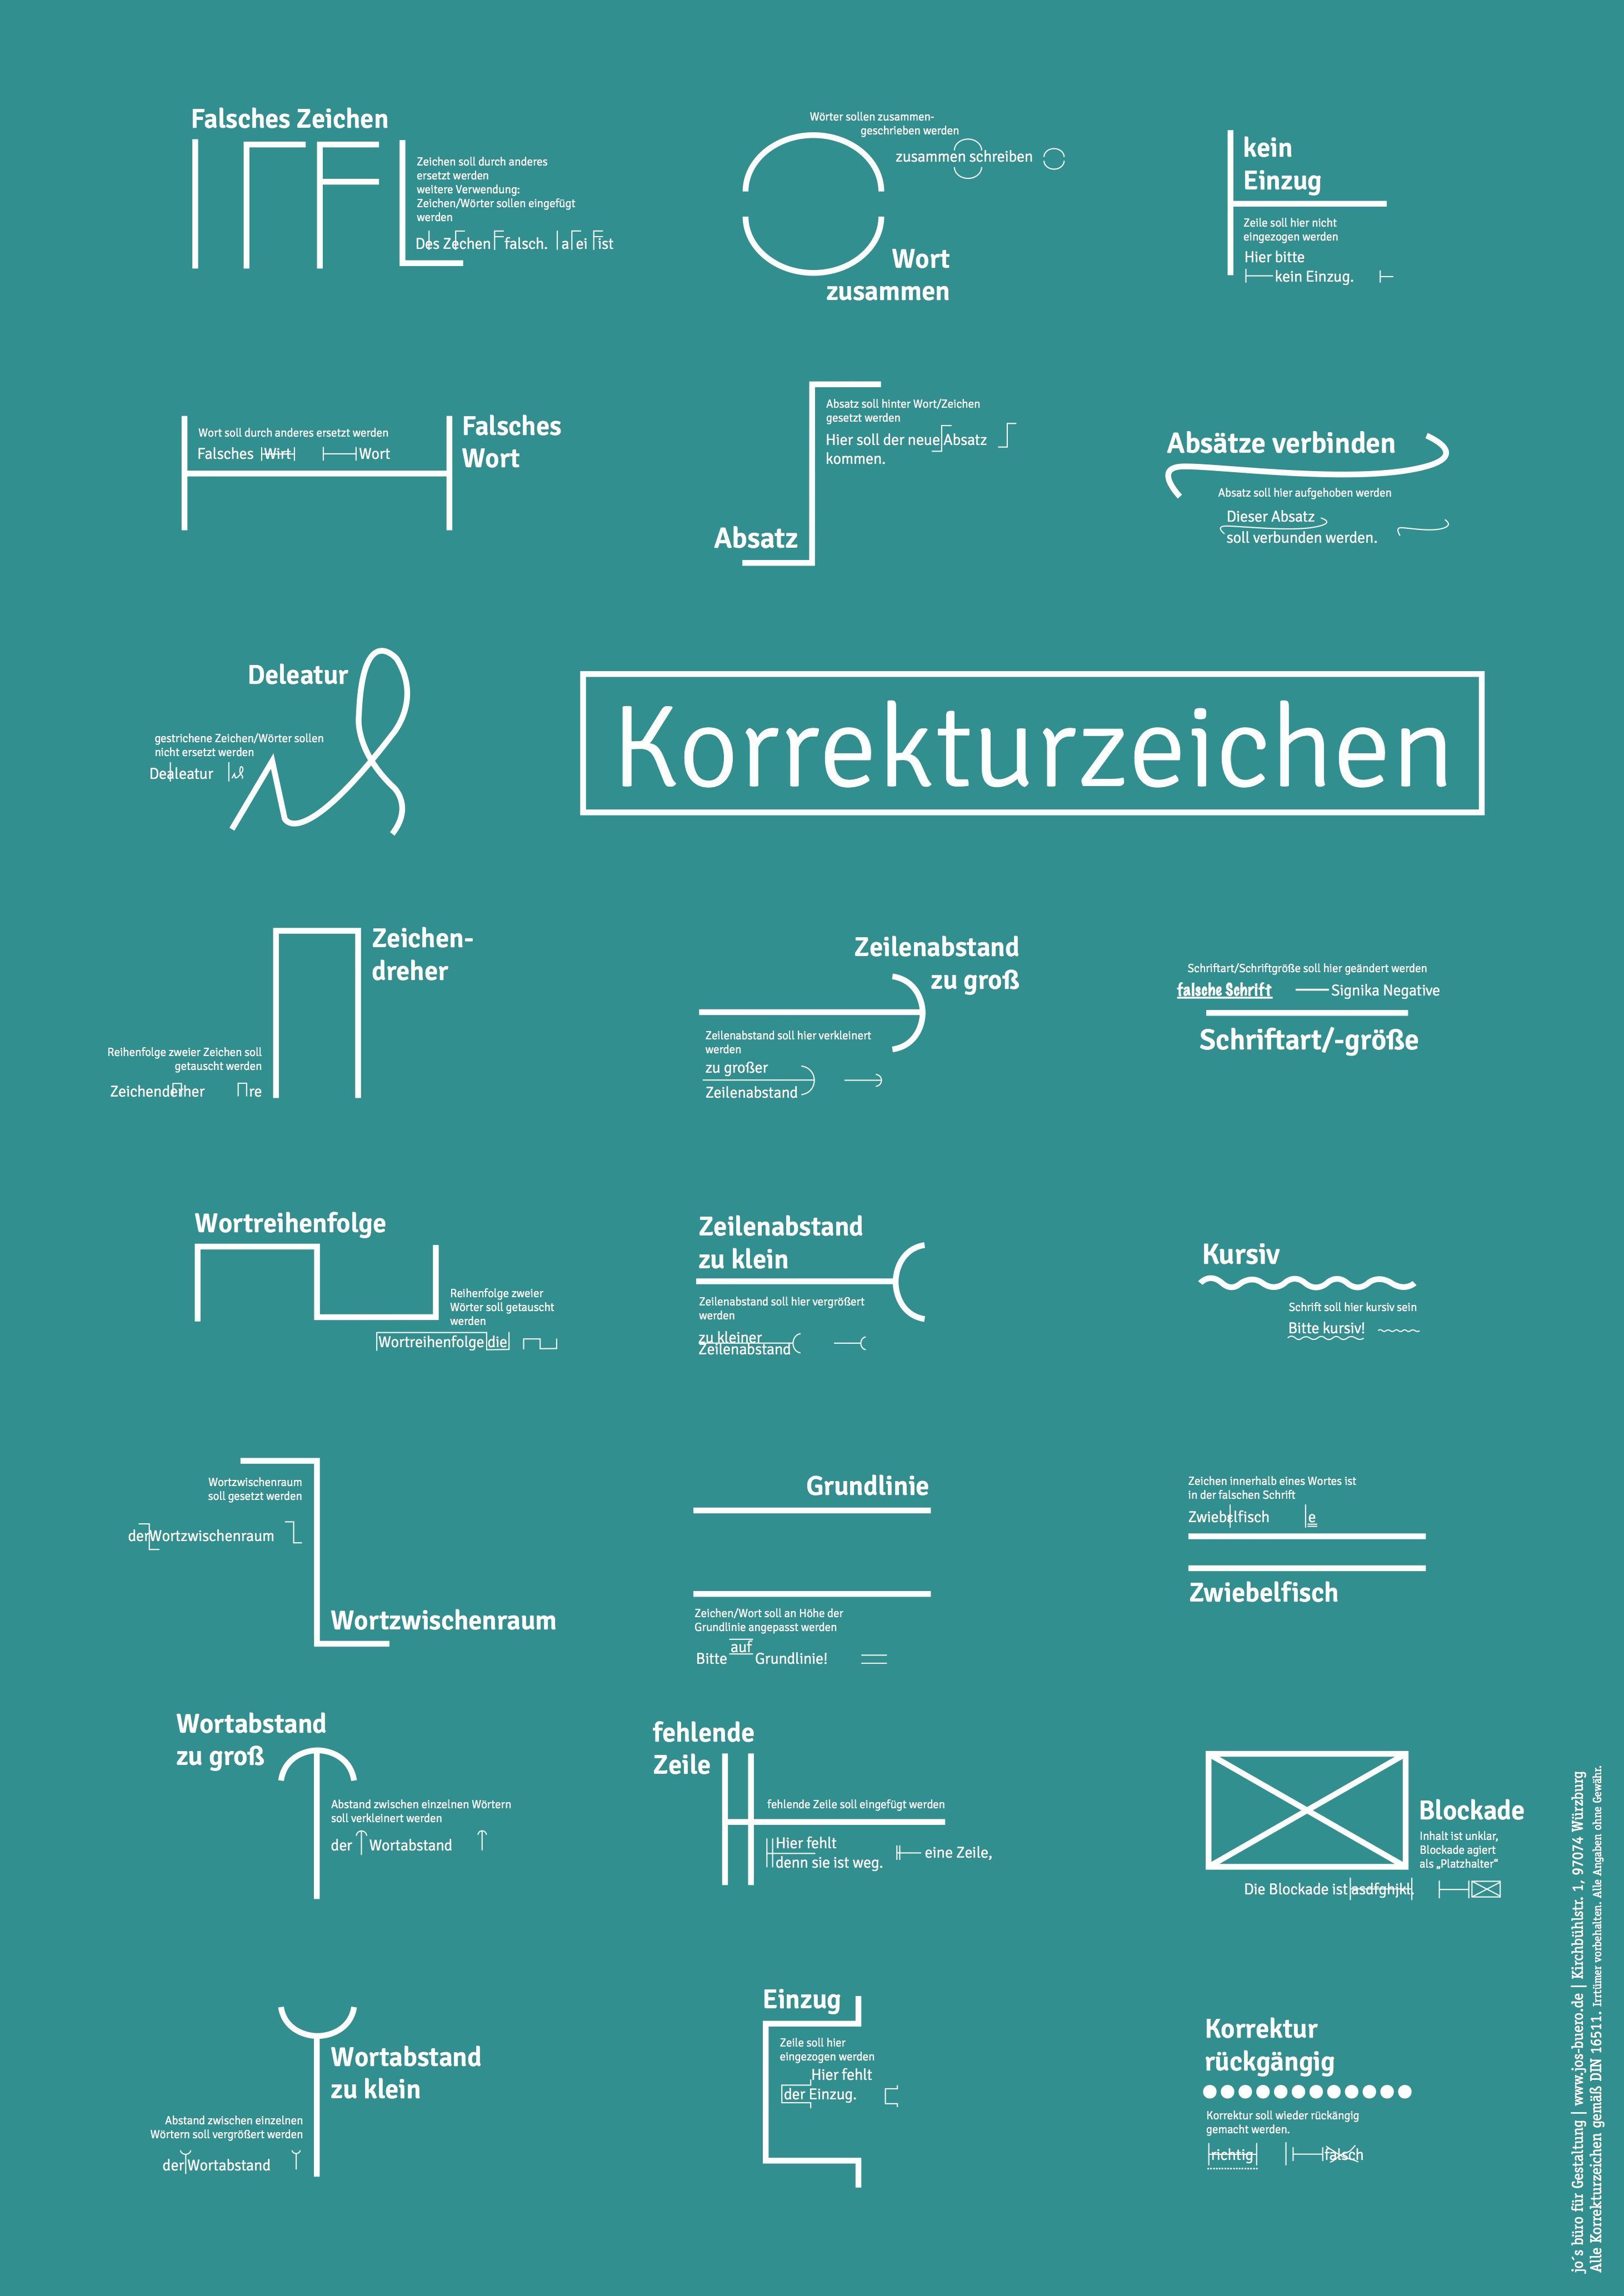 Großzügig Medizinisches Lebenslaufformat Im Wort Galerie - Entry ...